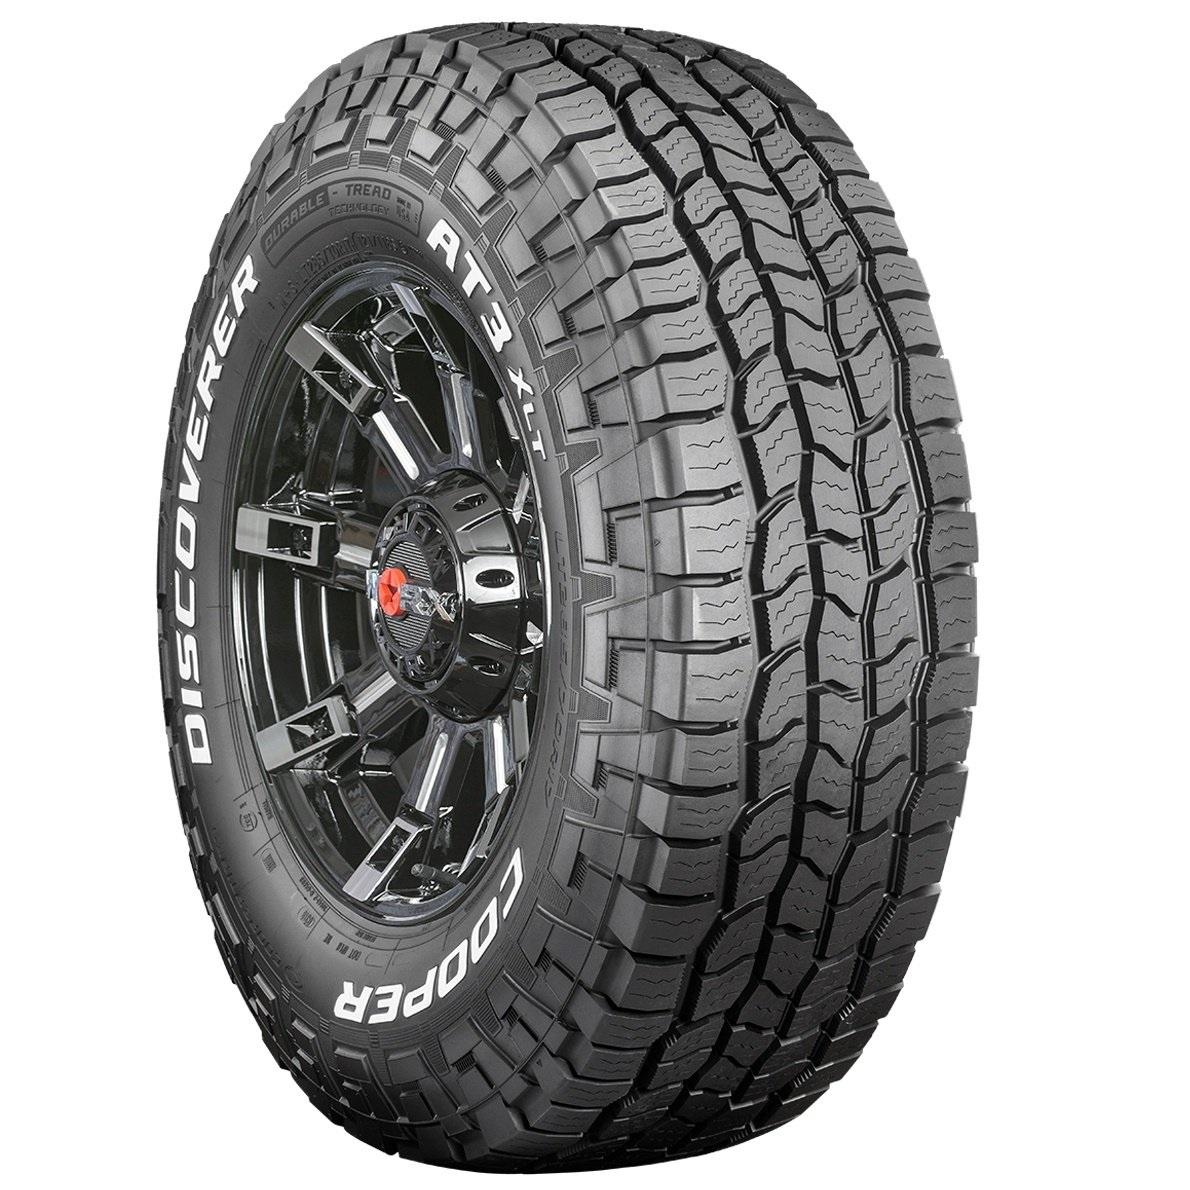 off-road-tires-dubai